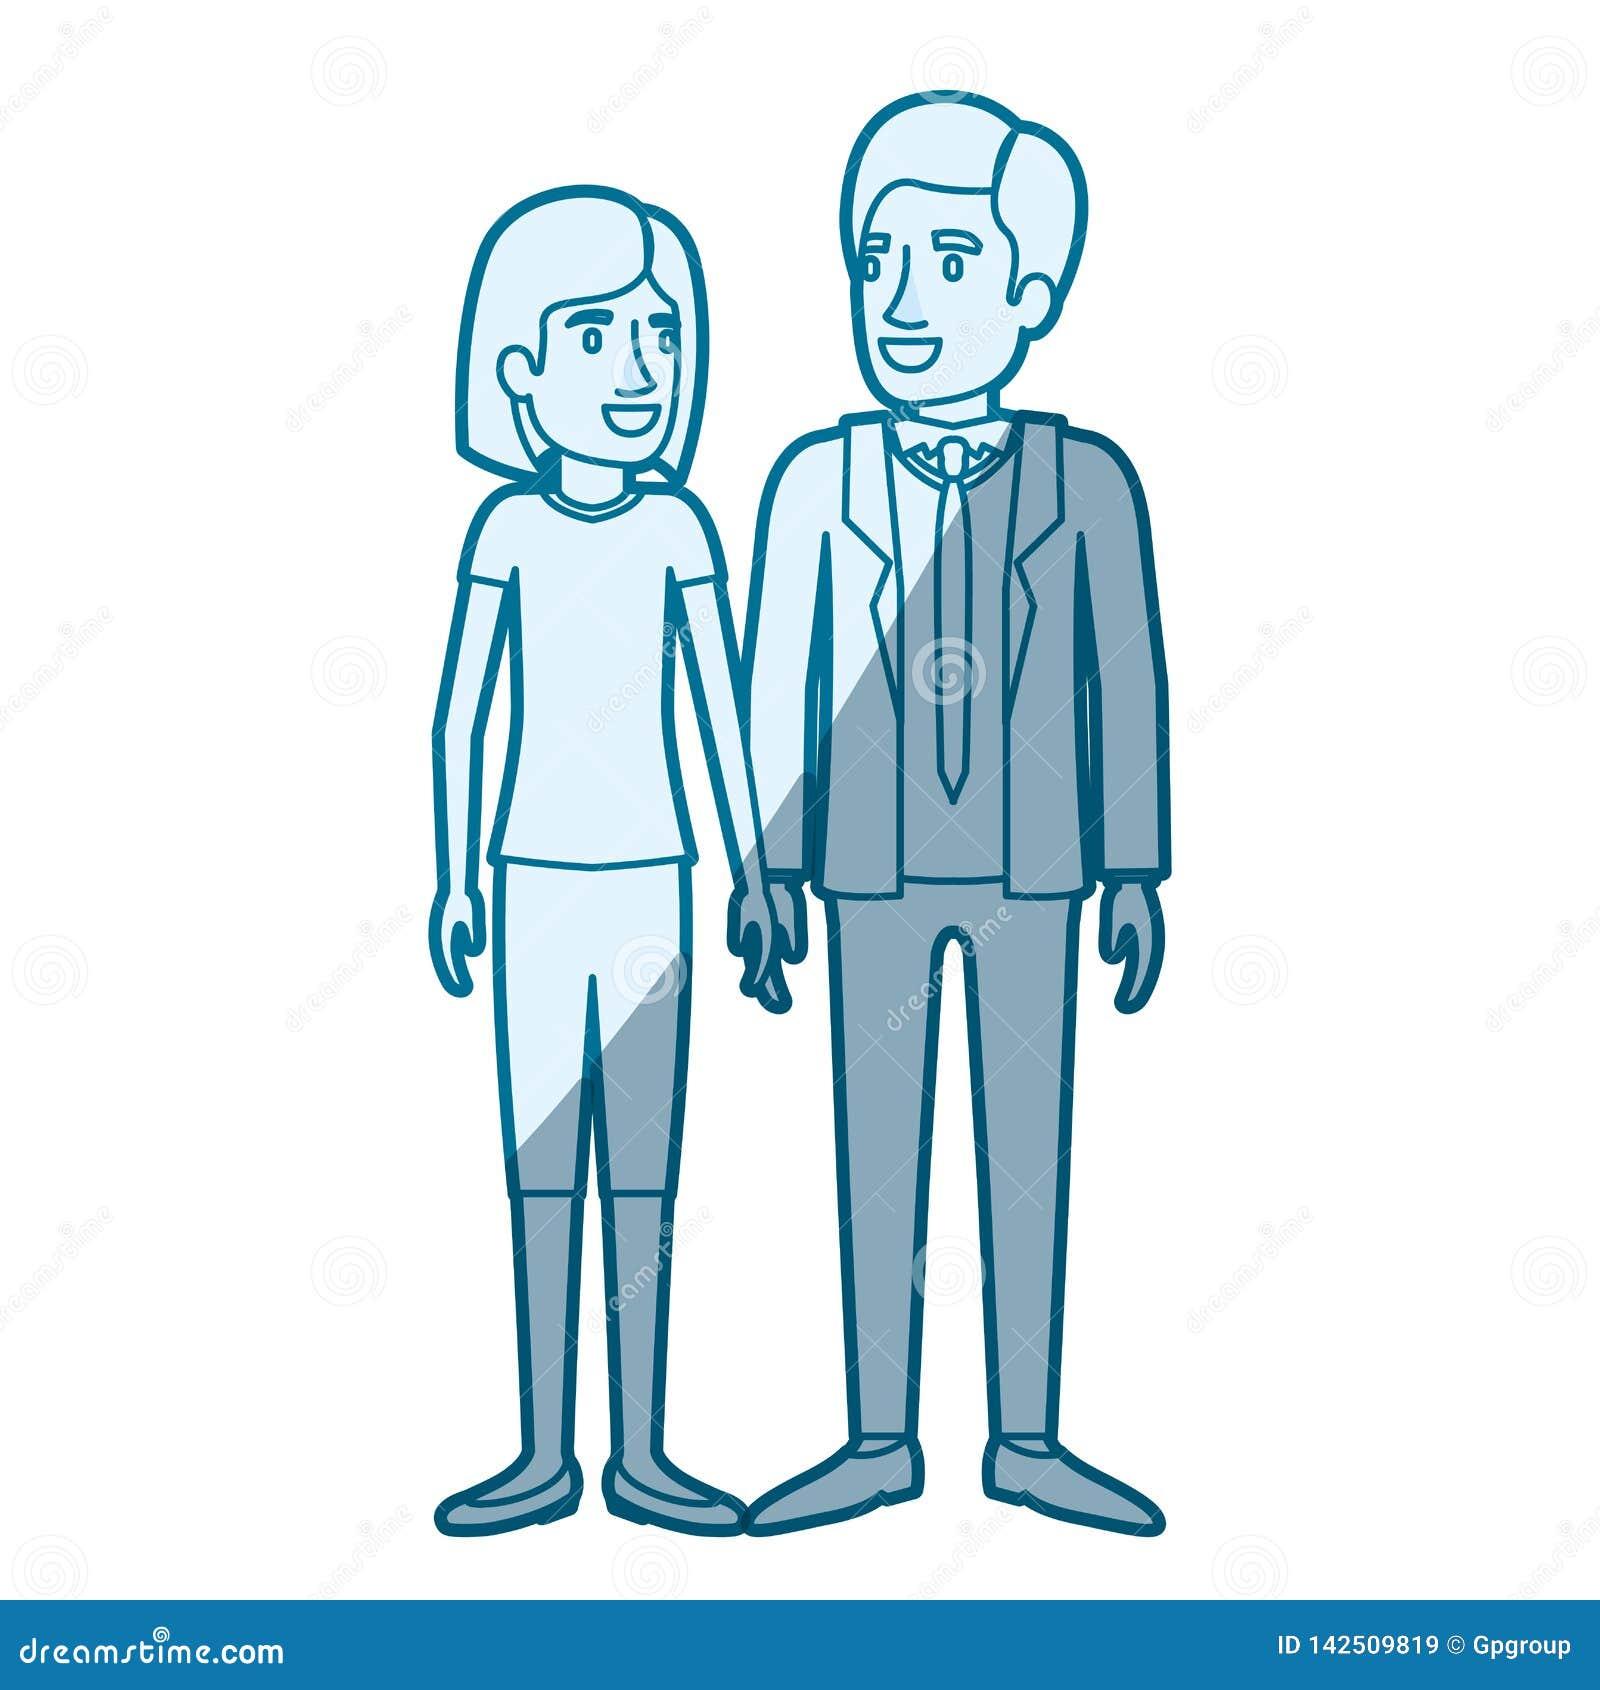 Μπλε σκίαση σκιαγραφιών χρώματος της στάσης ανδρών και γυναικών και αυτή με την κοντή τρίχα και αυτός στο επίσημο κοστούμι με το